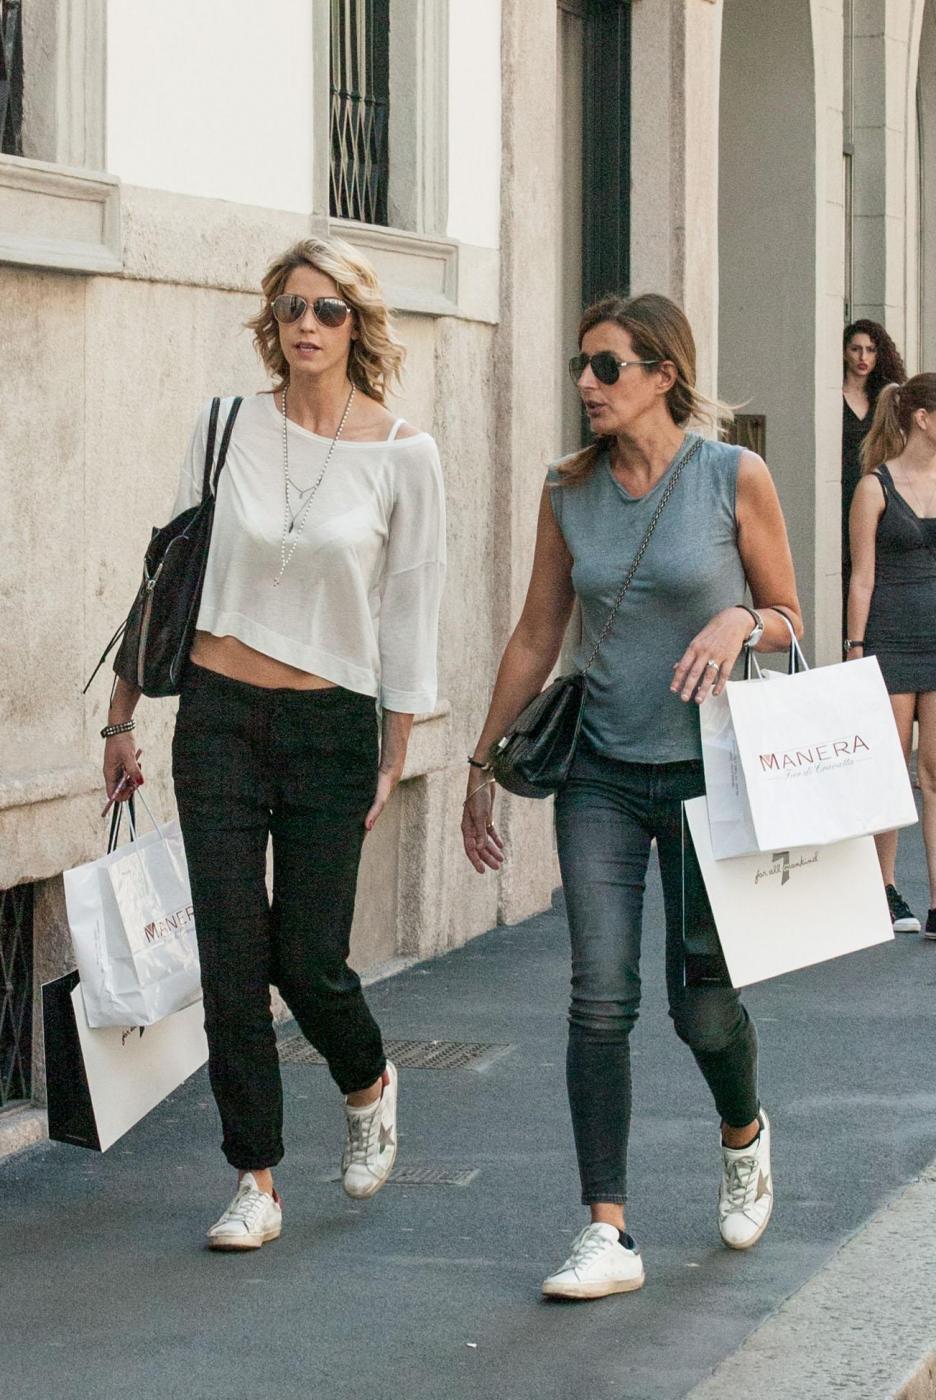 Elena Santarelli magrissima: shopping in via Montenapoleone l'amica FOTO 13